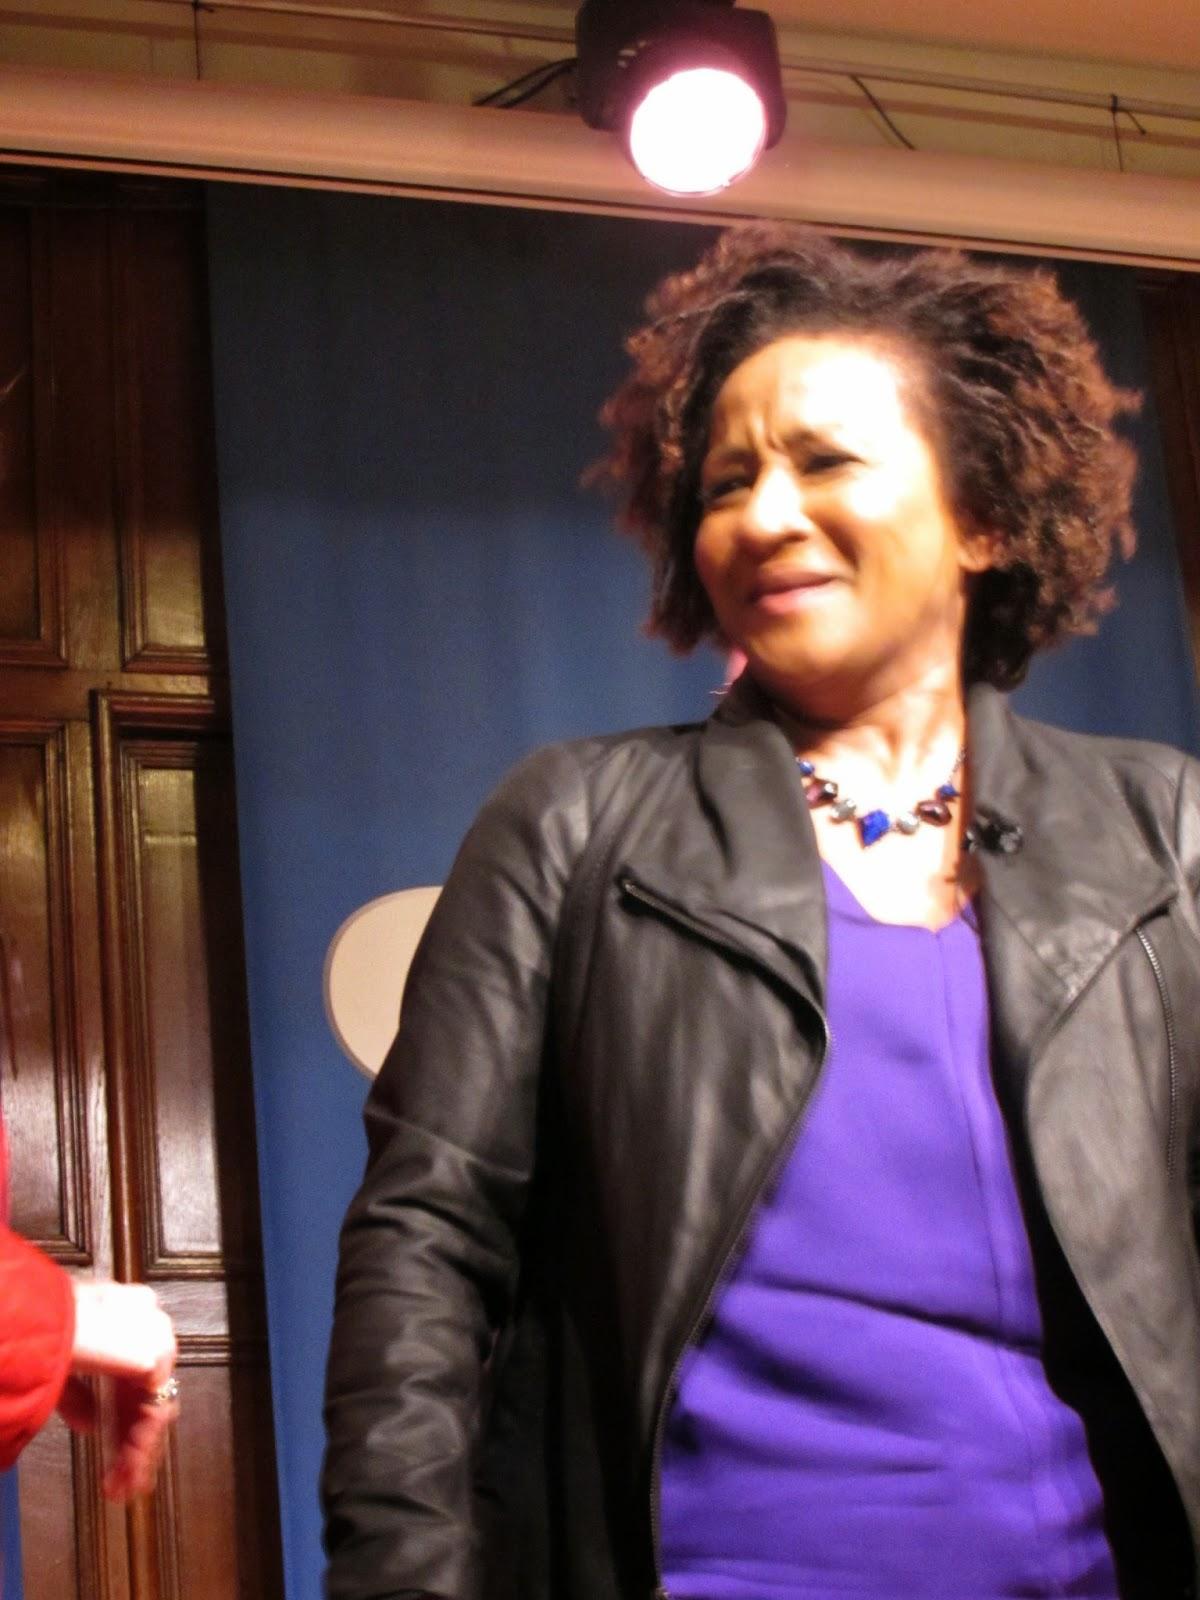 d0ffe67b426 Wanda Sykes (photo  Eva Yaa Asantewaa)